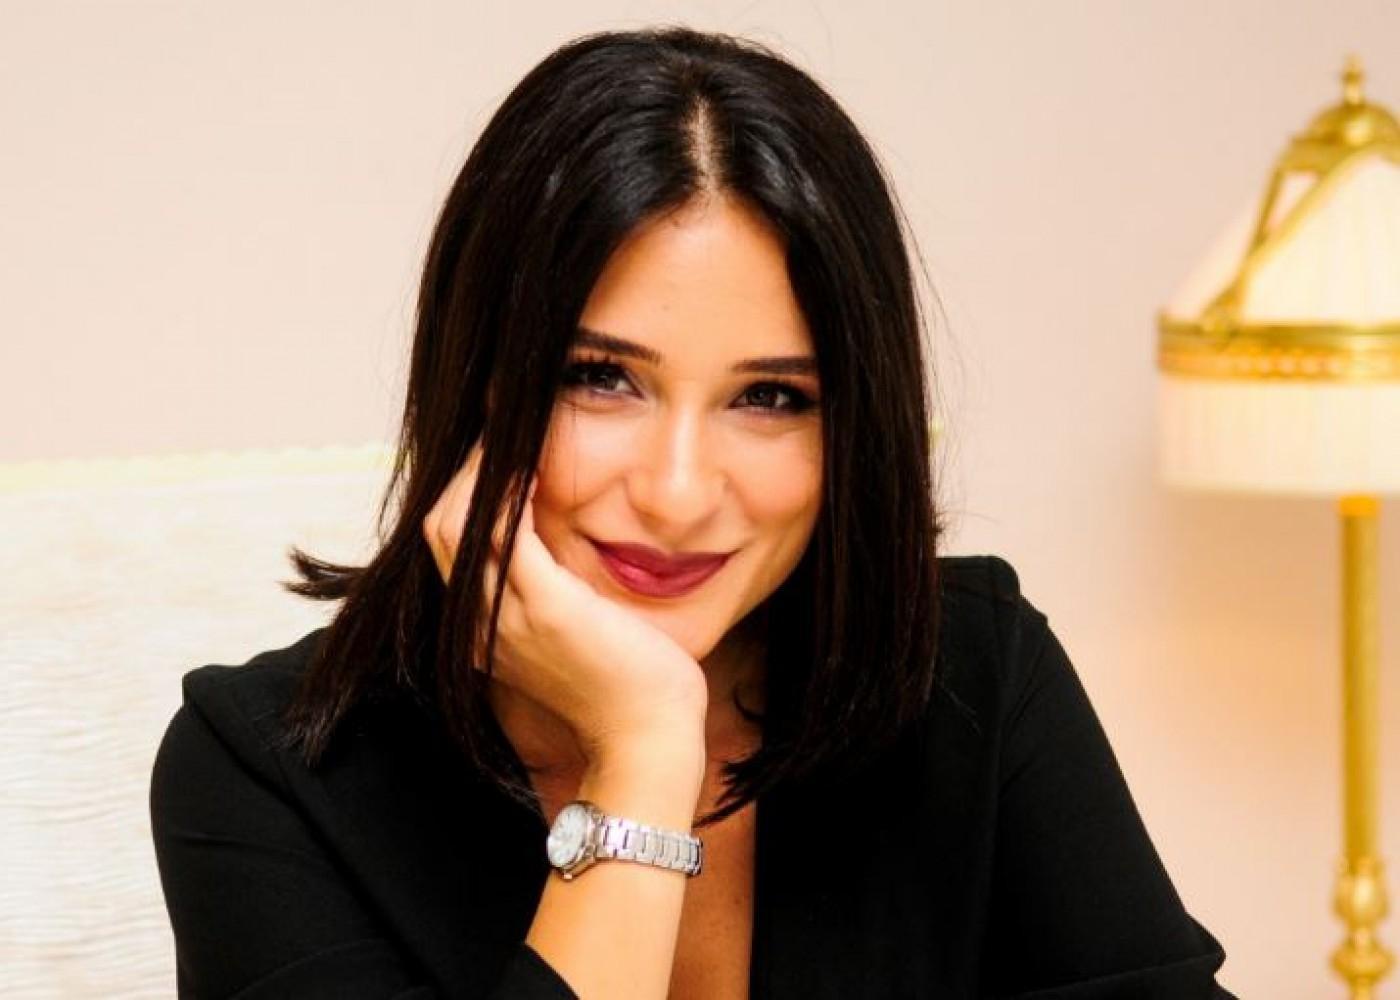 Salome Korkotaşvili